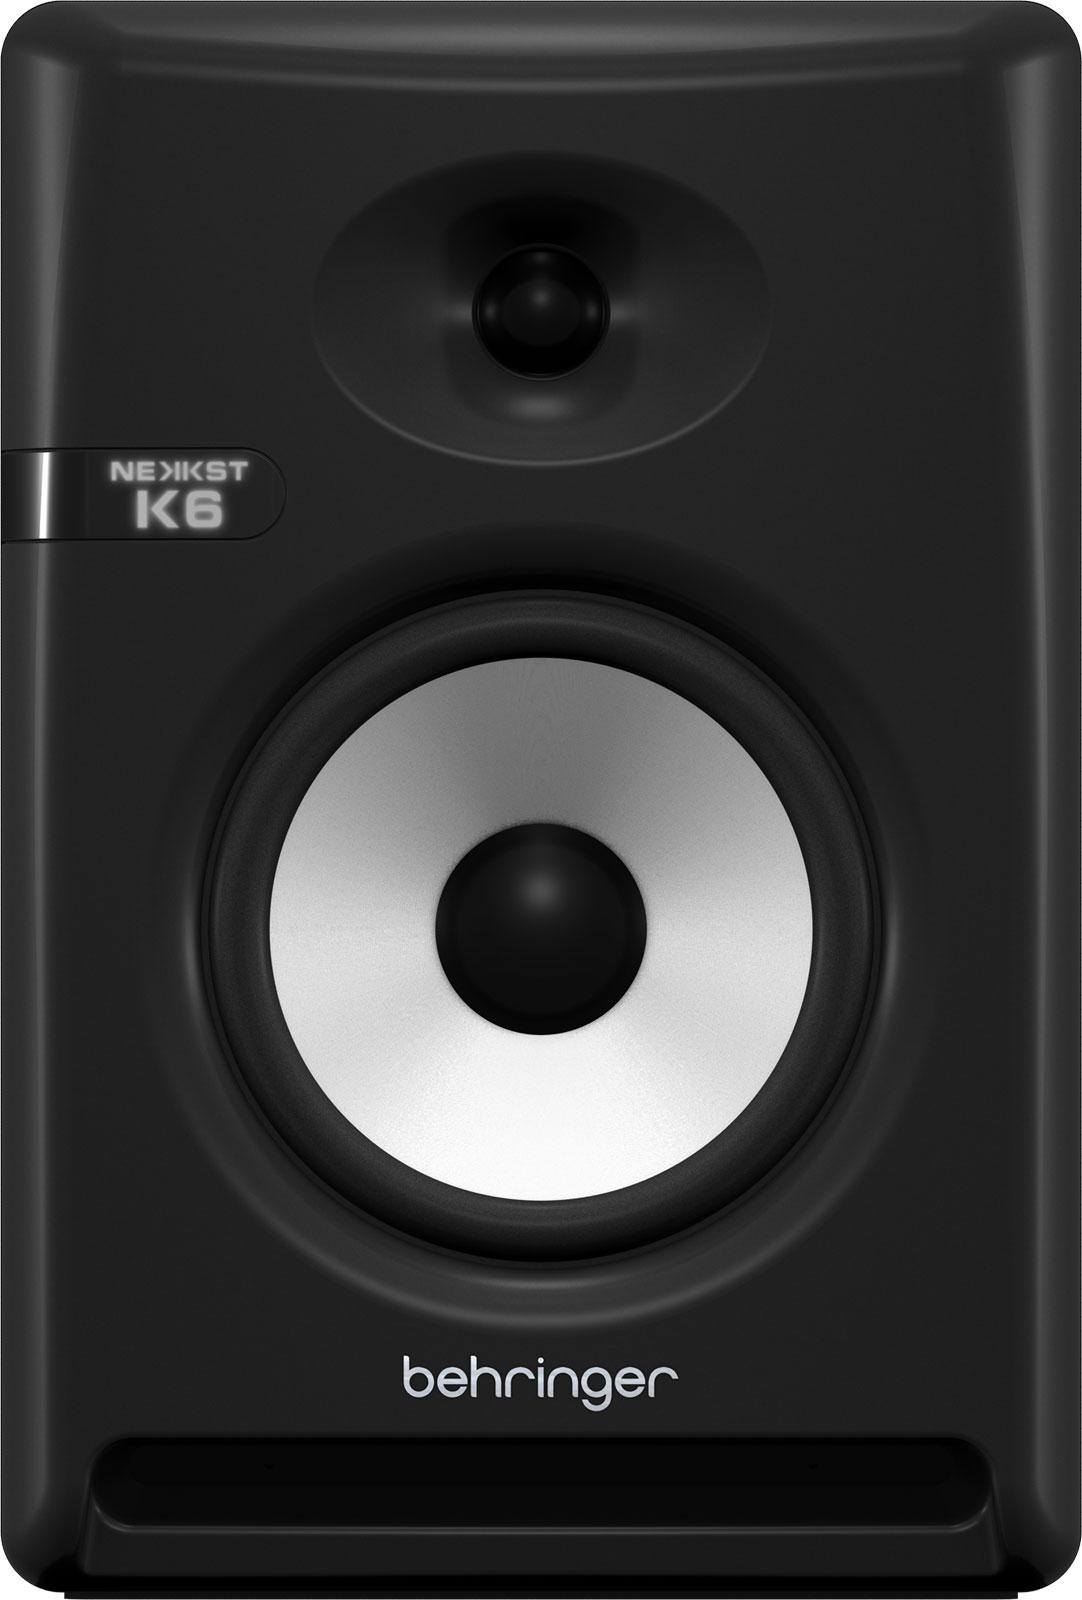 Behringer Nekkst K6 - La Piece